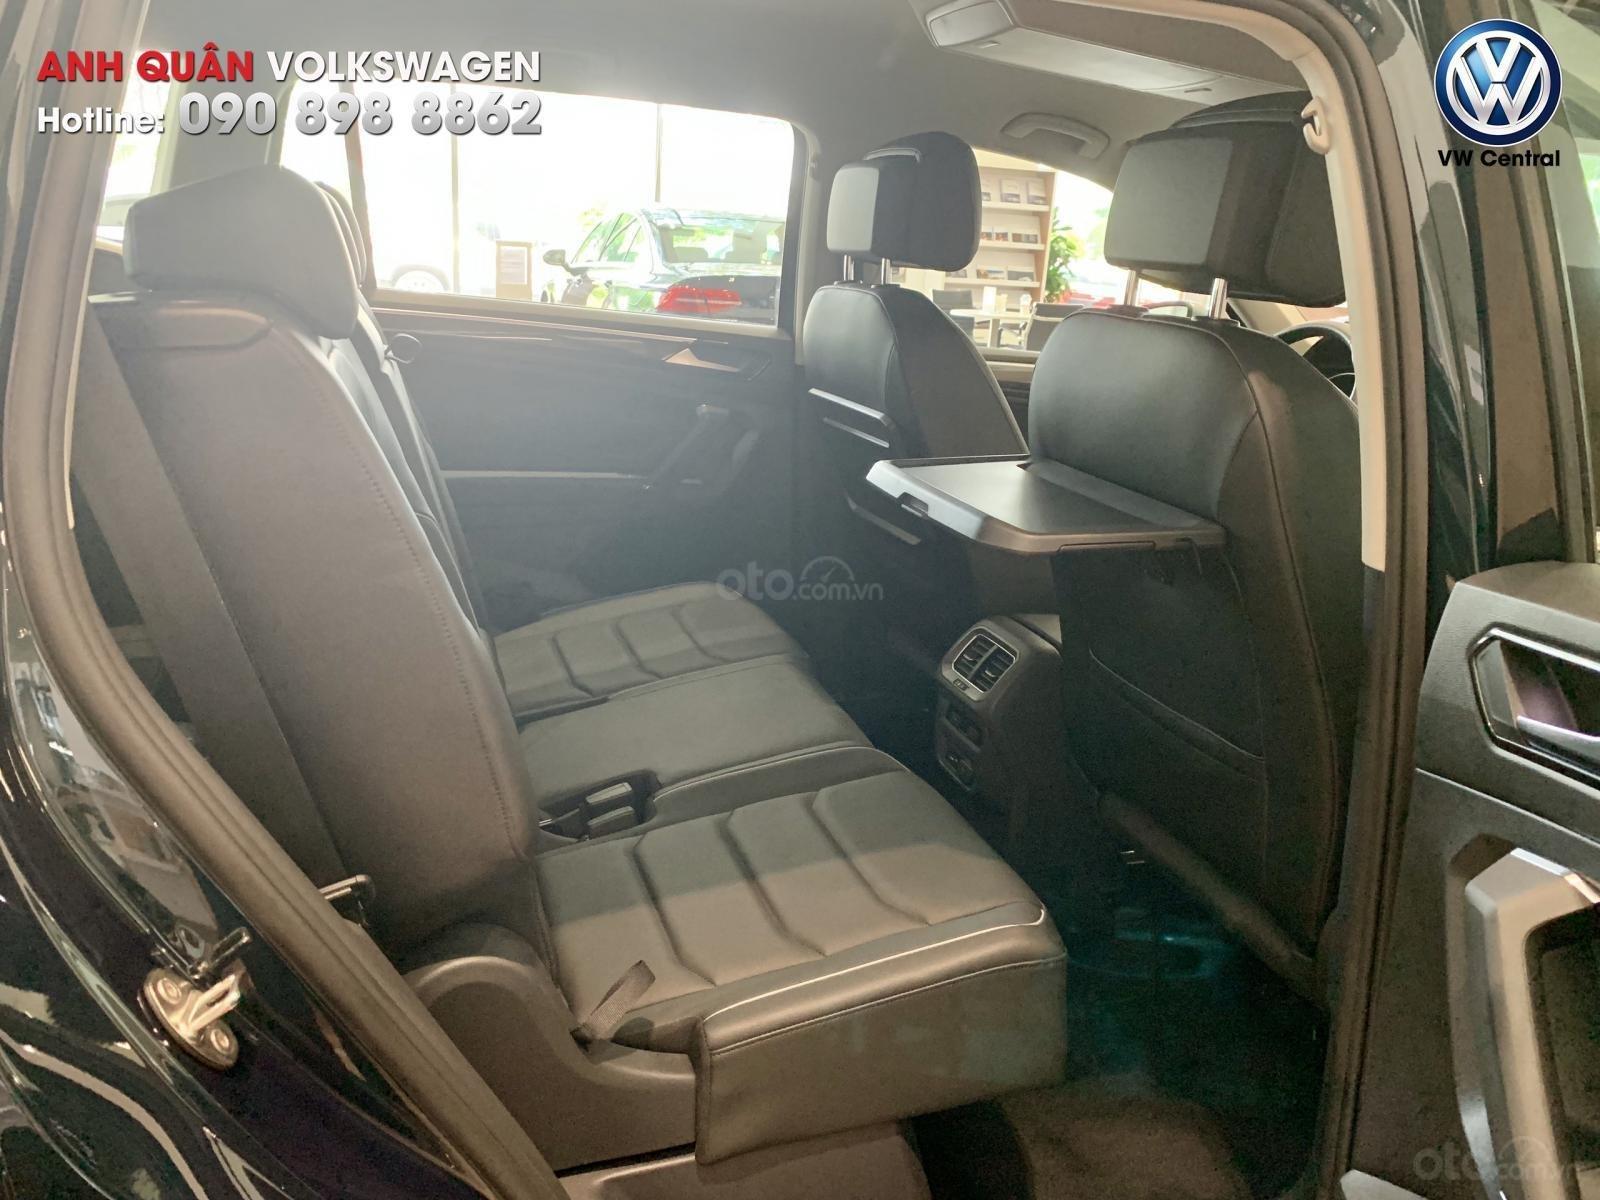 Tiguan Allspace 2019 - ưu đãi mua xe lên tới 160tr, trả góp 80%, hotline: 090-898-8862 (11)